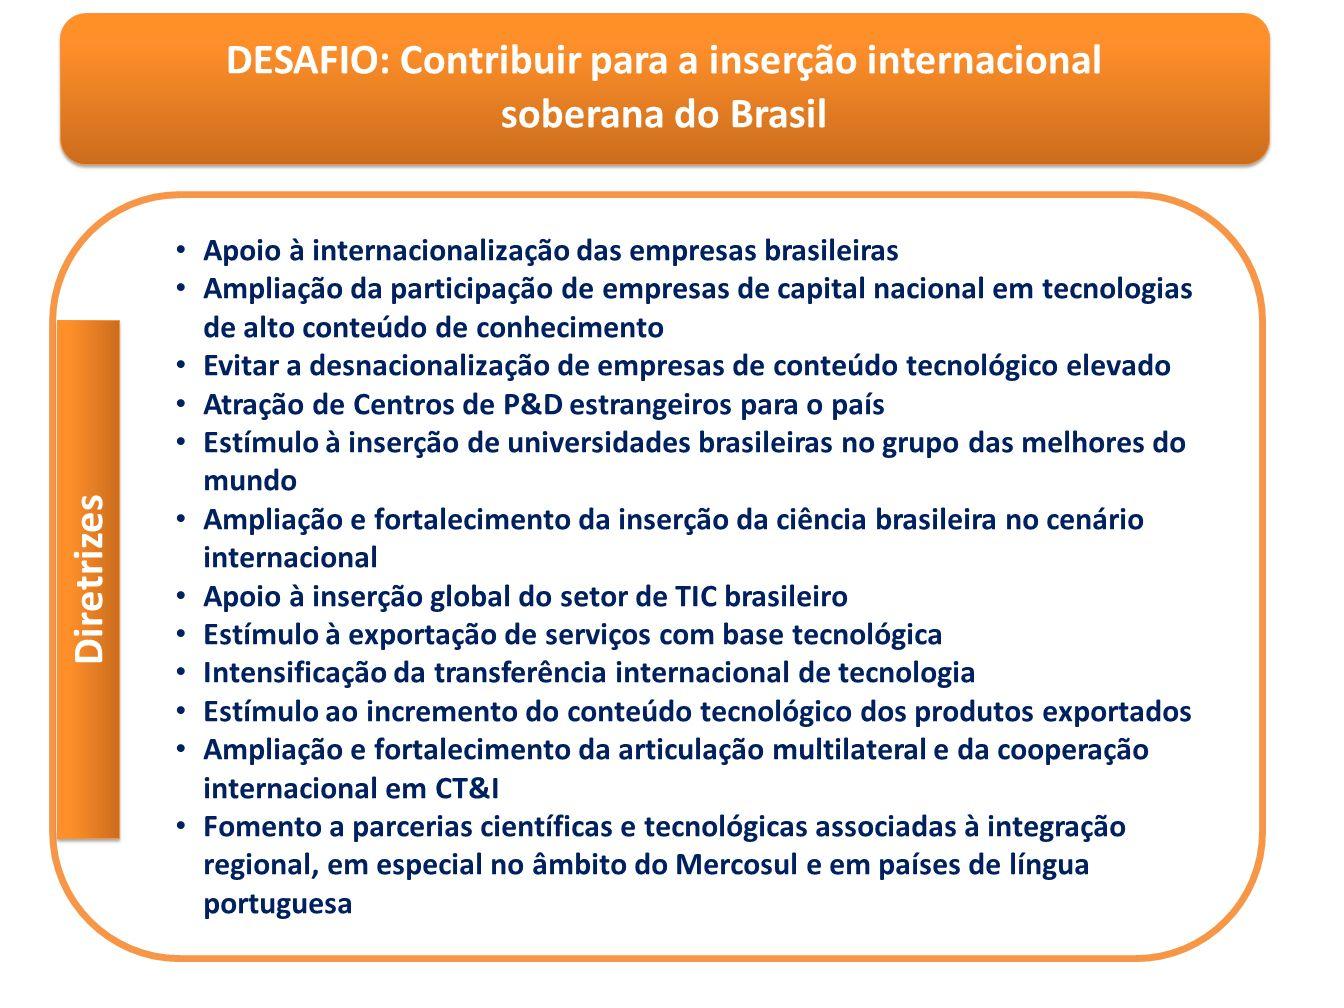 DESAFIO: Contribuir para a inserção internacional